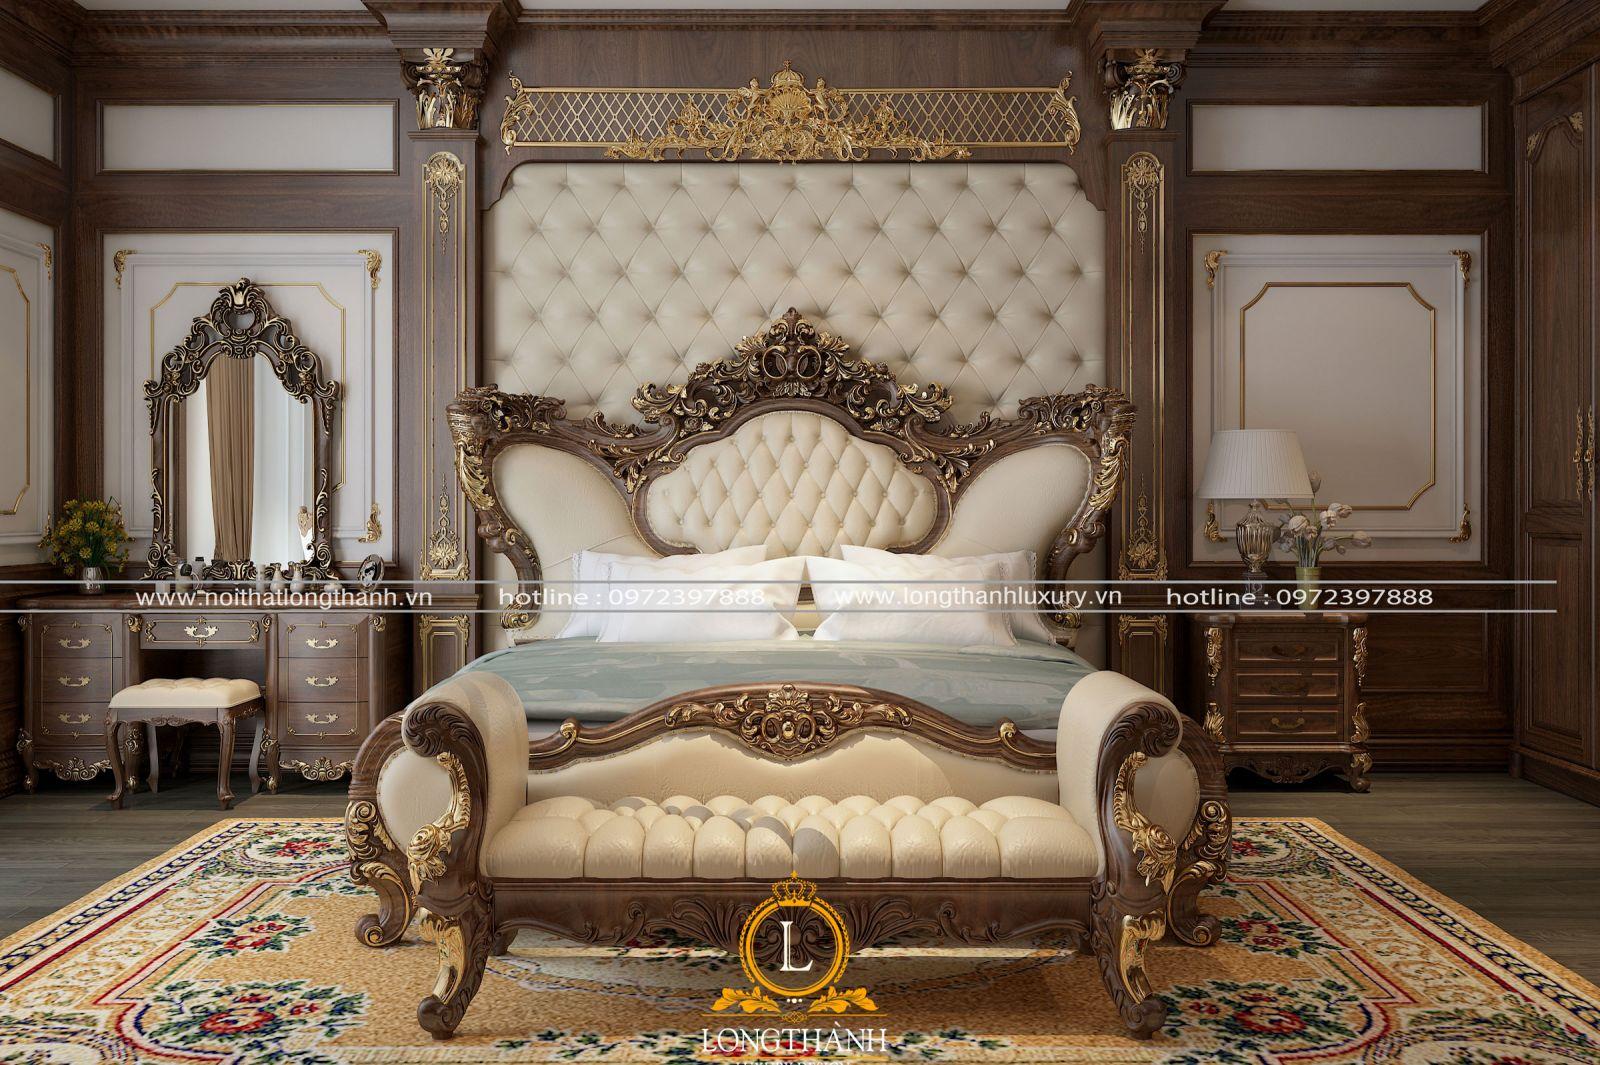 Phòng ngủ chung cư cao cấp tân cổ điển quyền quý